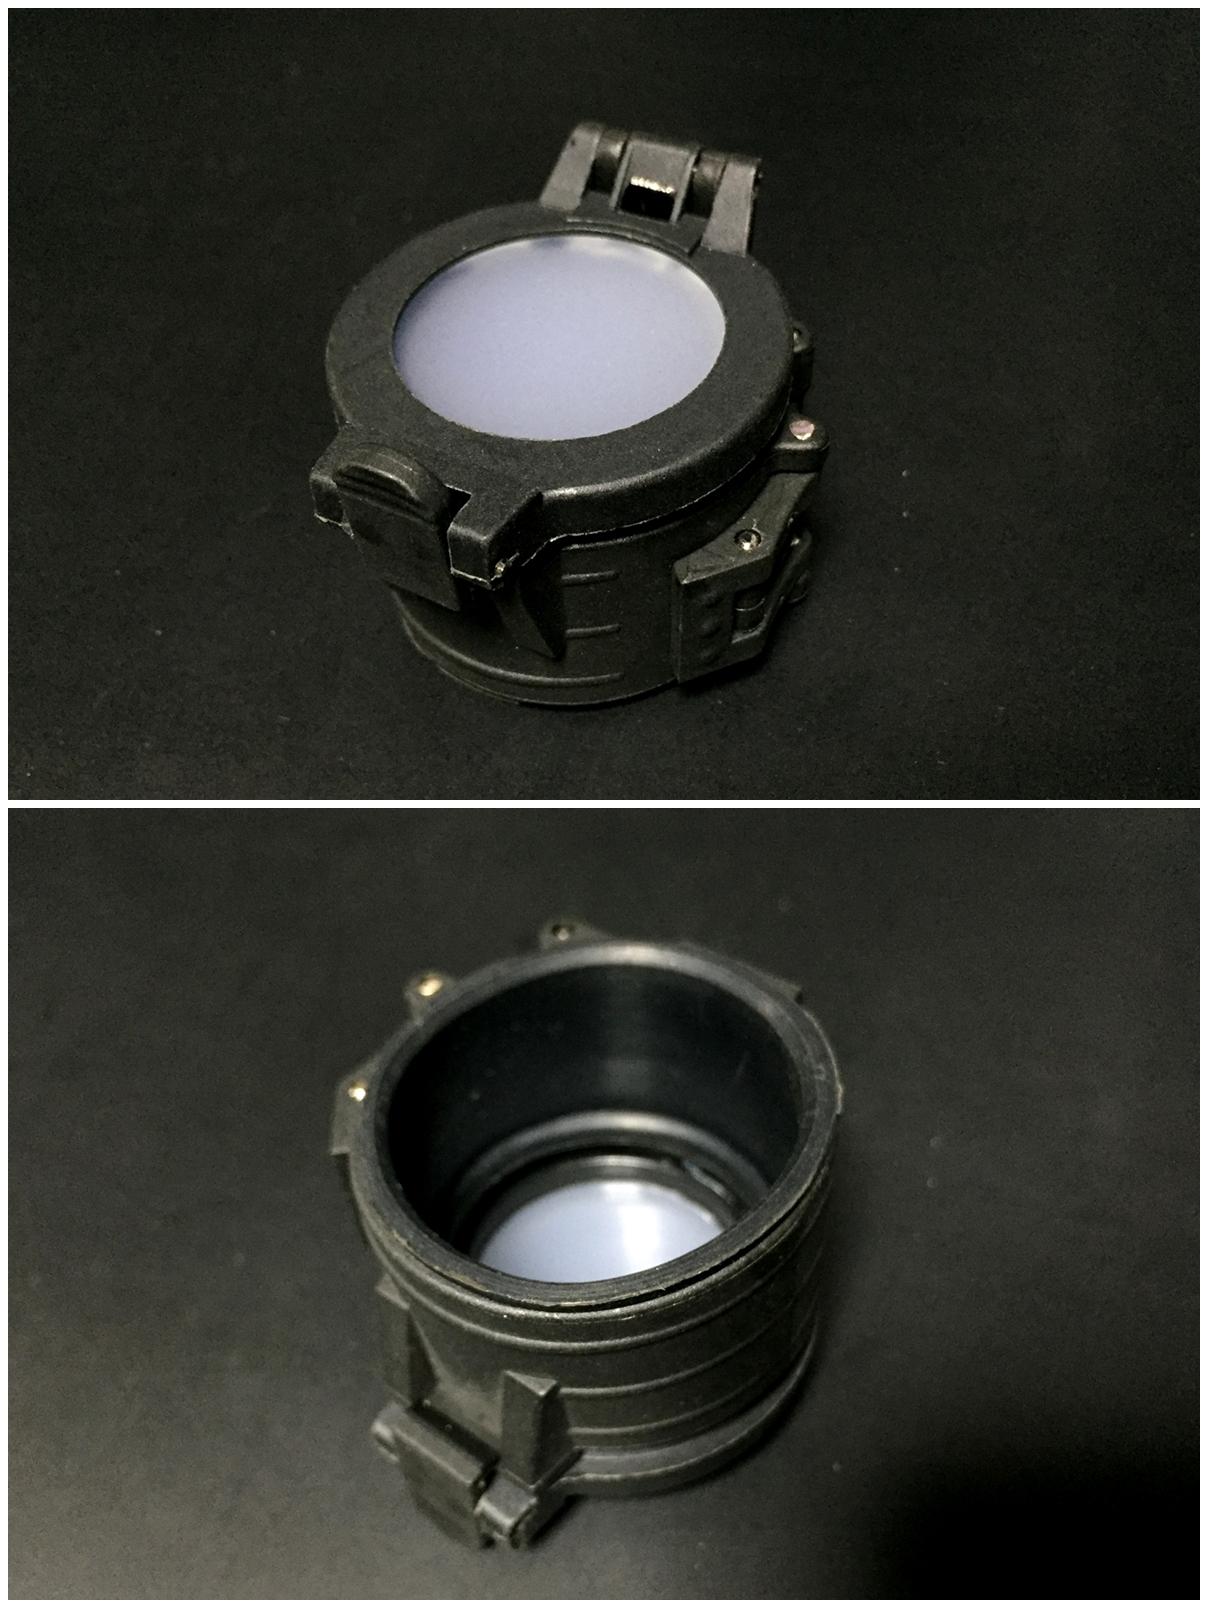 2 ELEMENT フラッシュライト ディフューザー フリップアップ式 カバー 1 47インチ 1 62インチ IRフィルター SUREFIRE タイプ レプリカ フラッシュライト カバー 比較 取付 加工 レビュー